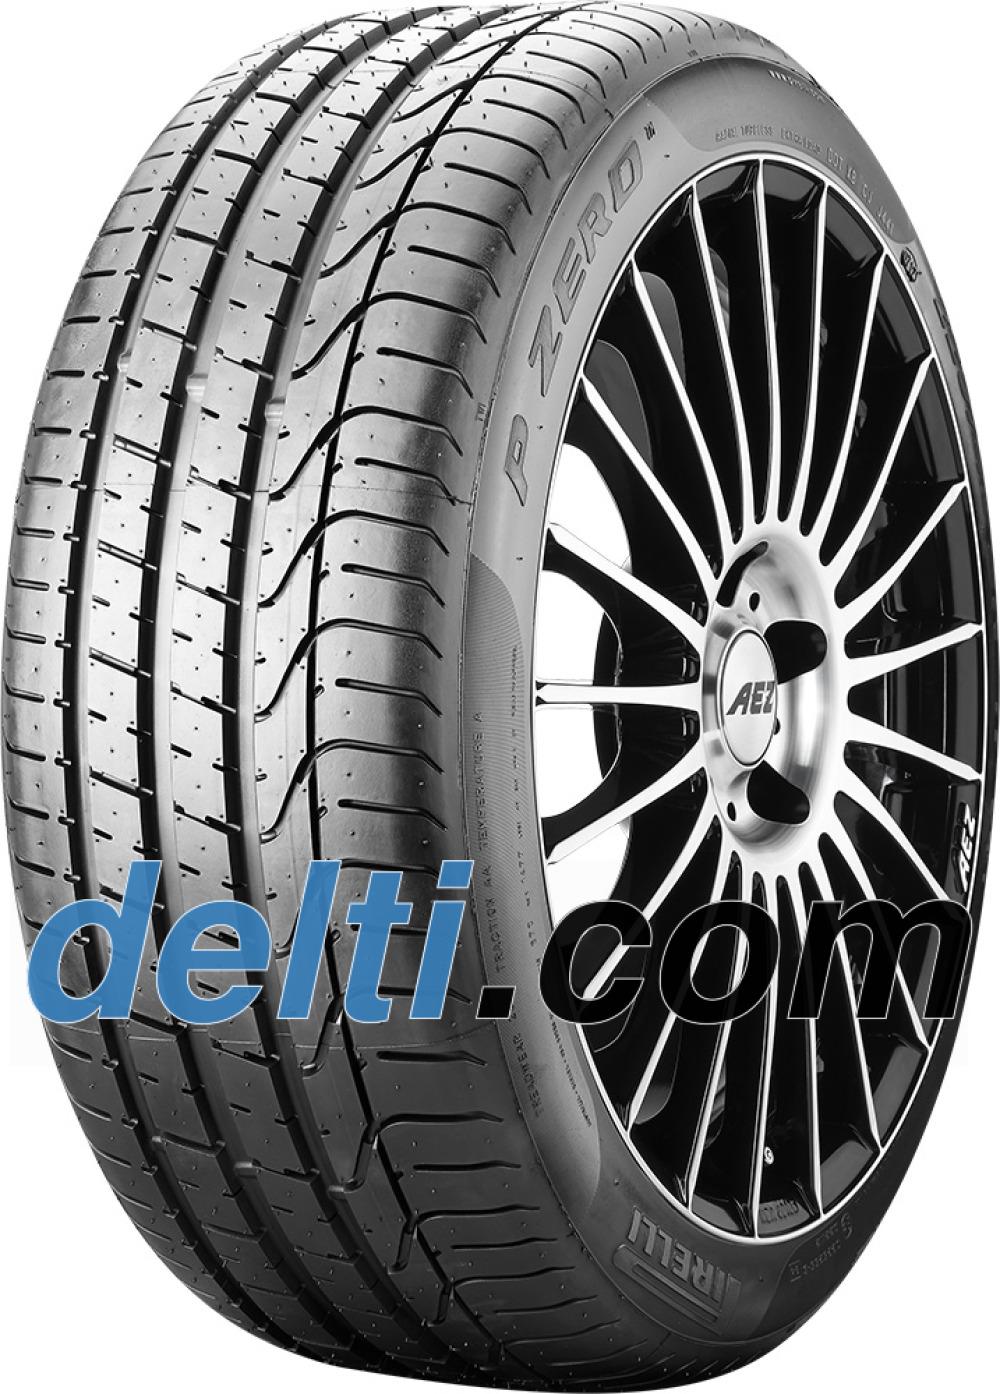 Pirelli P Zero ( 245/40 ZR19 (94Y) J, con protector de llanta (MFS) )